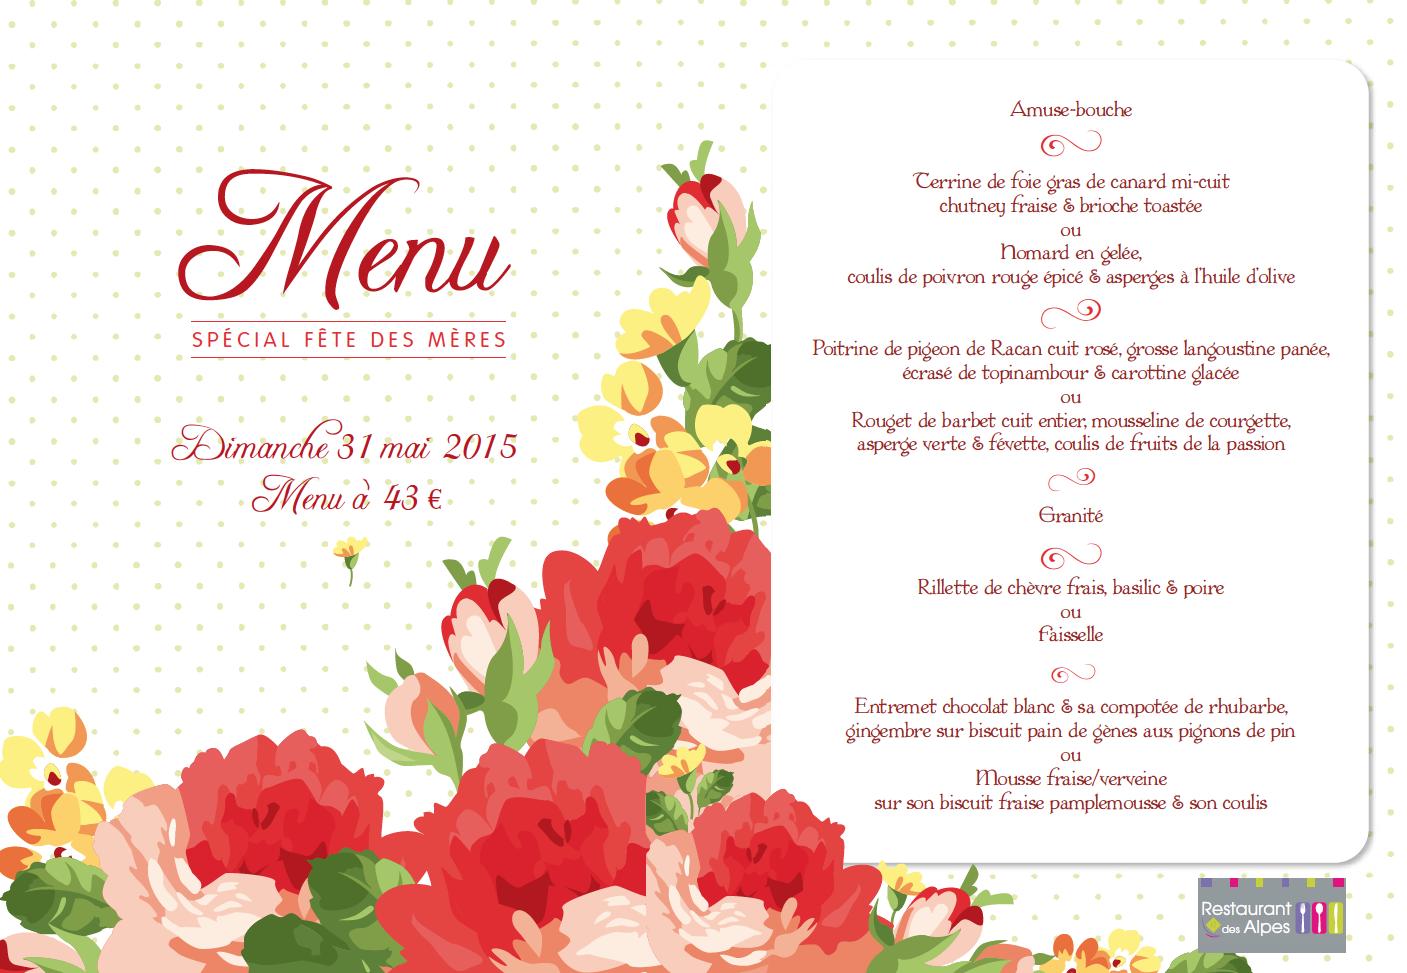 Menu De La Fête Des Mères Hôtel Restaurant Des Alpes